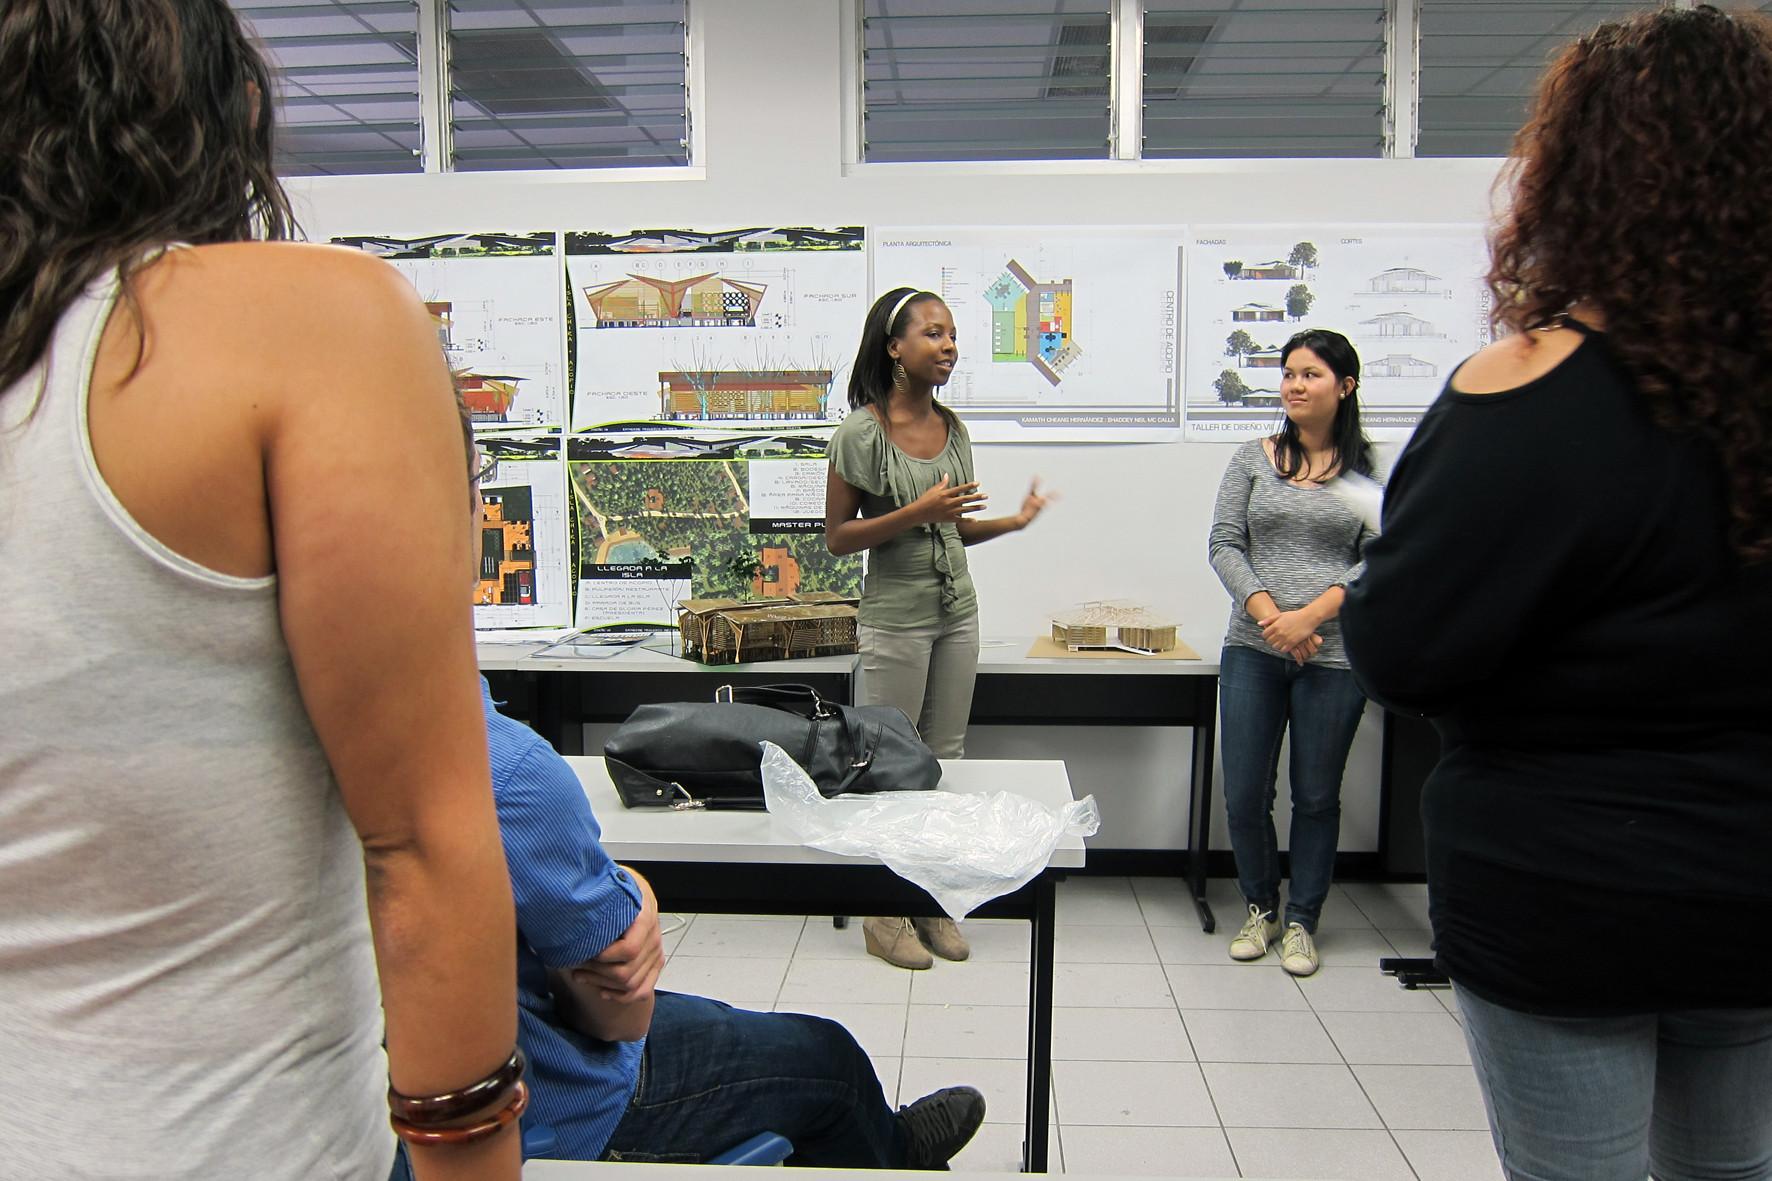 Un total de seis grupos de estudiantes proporcionaron soluciones para el Centro de Reciclaje y Comunitaria en la Isla de Chira; las diferentes propuestas se han resumido en un manual que será completado para el Ministerio de Salud. Image Cortesia de A-01